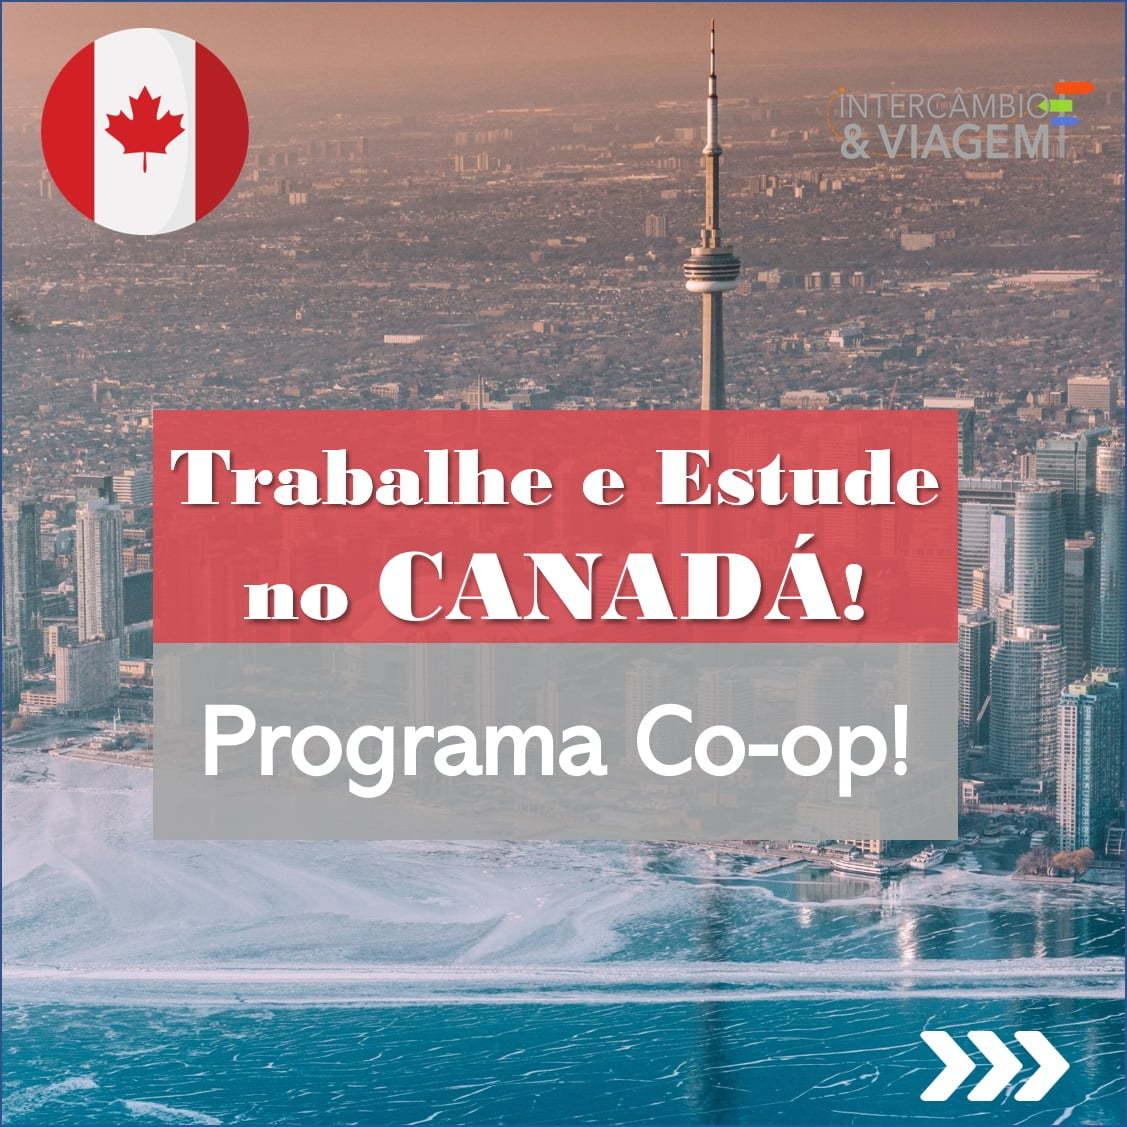 Co-op Intercâmbio Trabalho e Estudo no Canadá